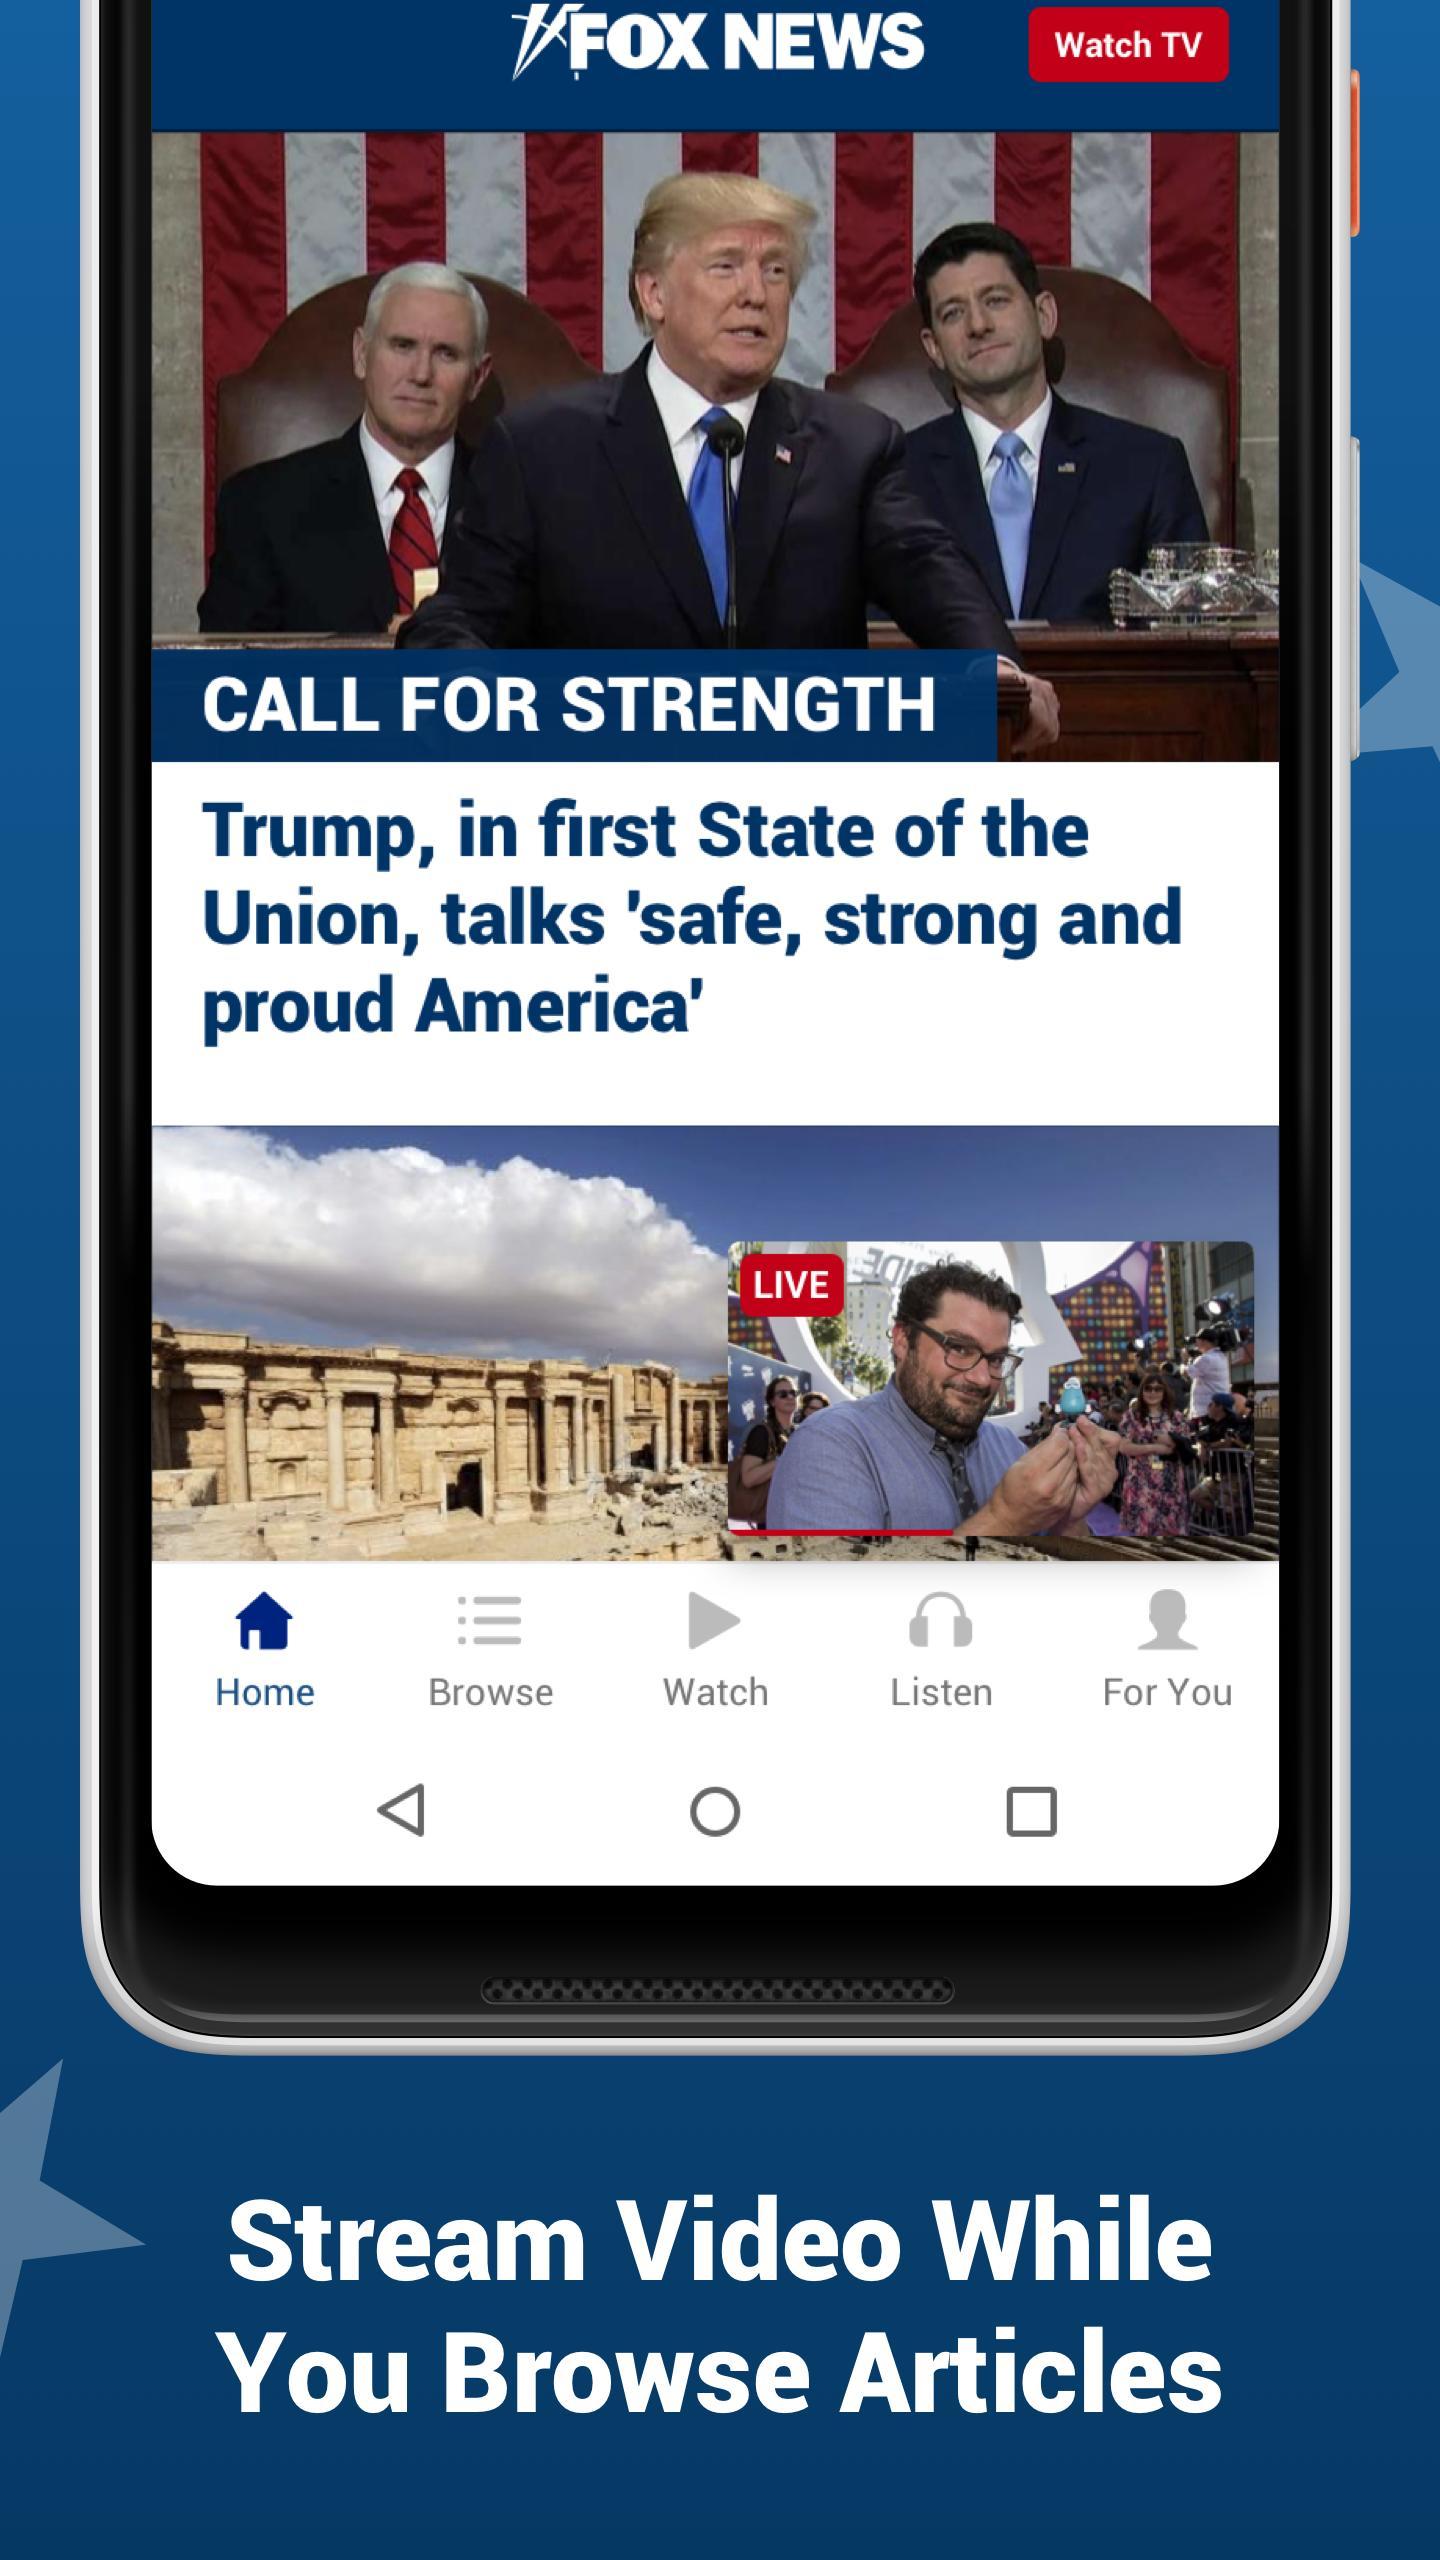 Fox News poster